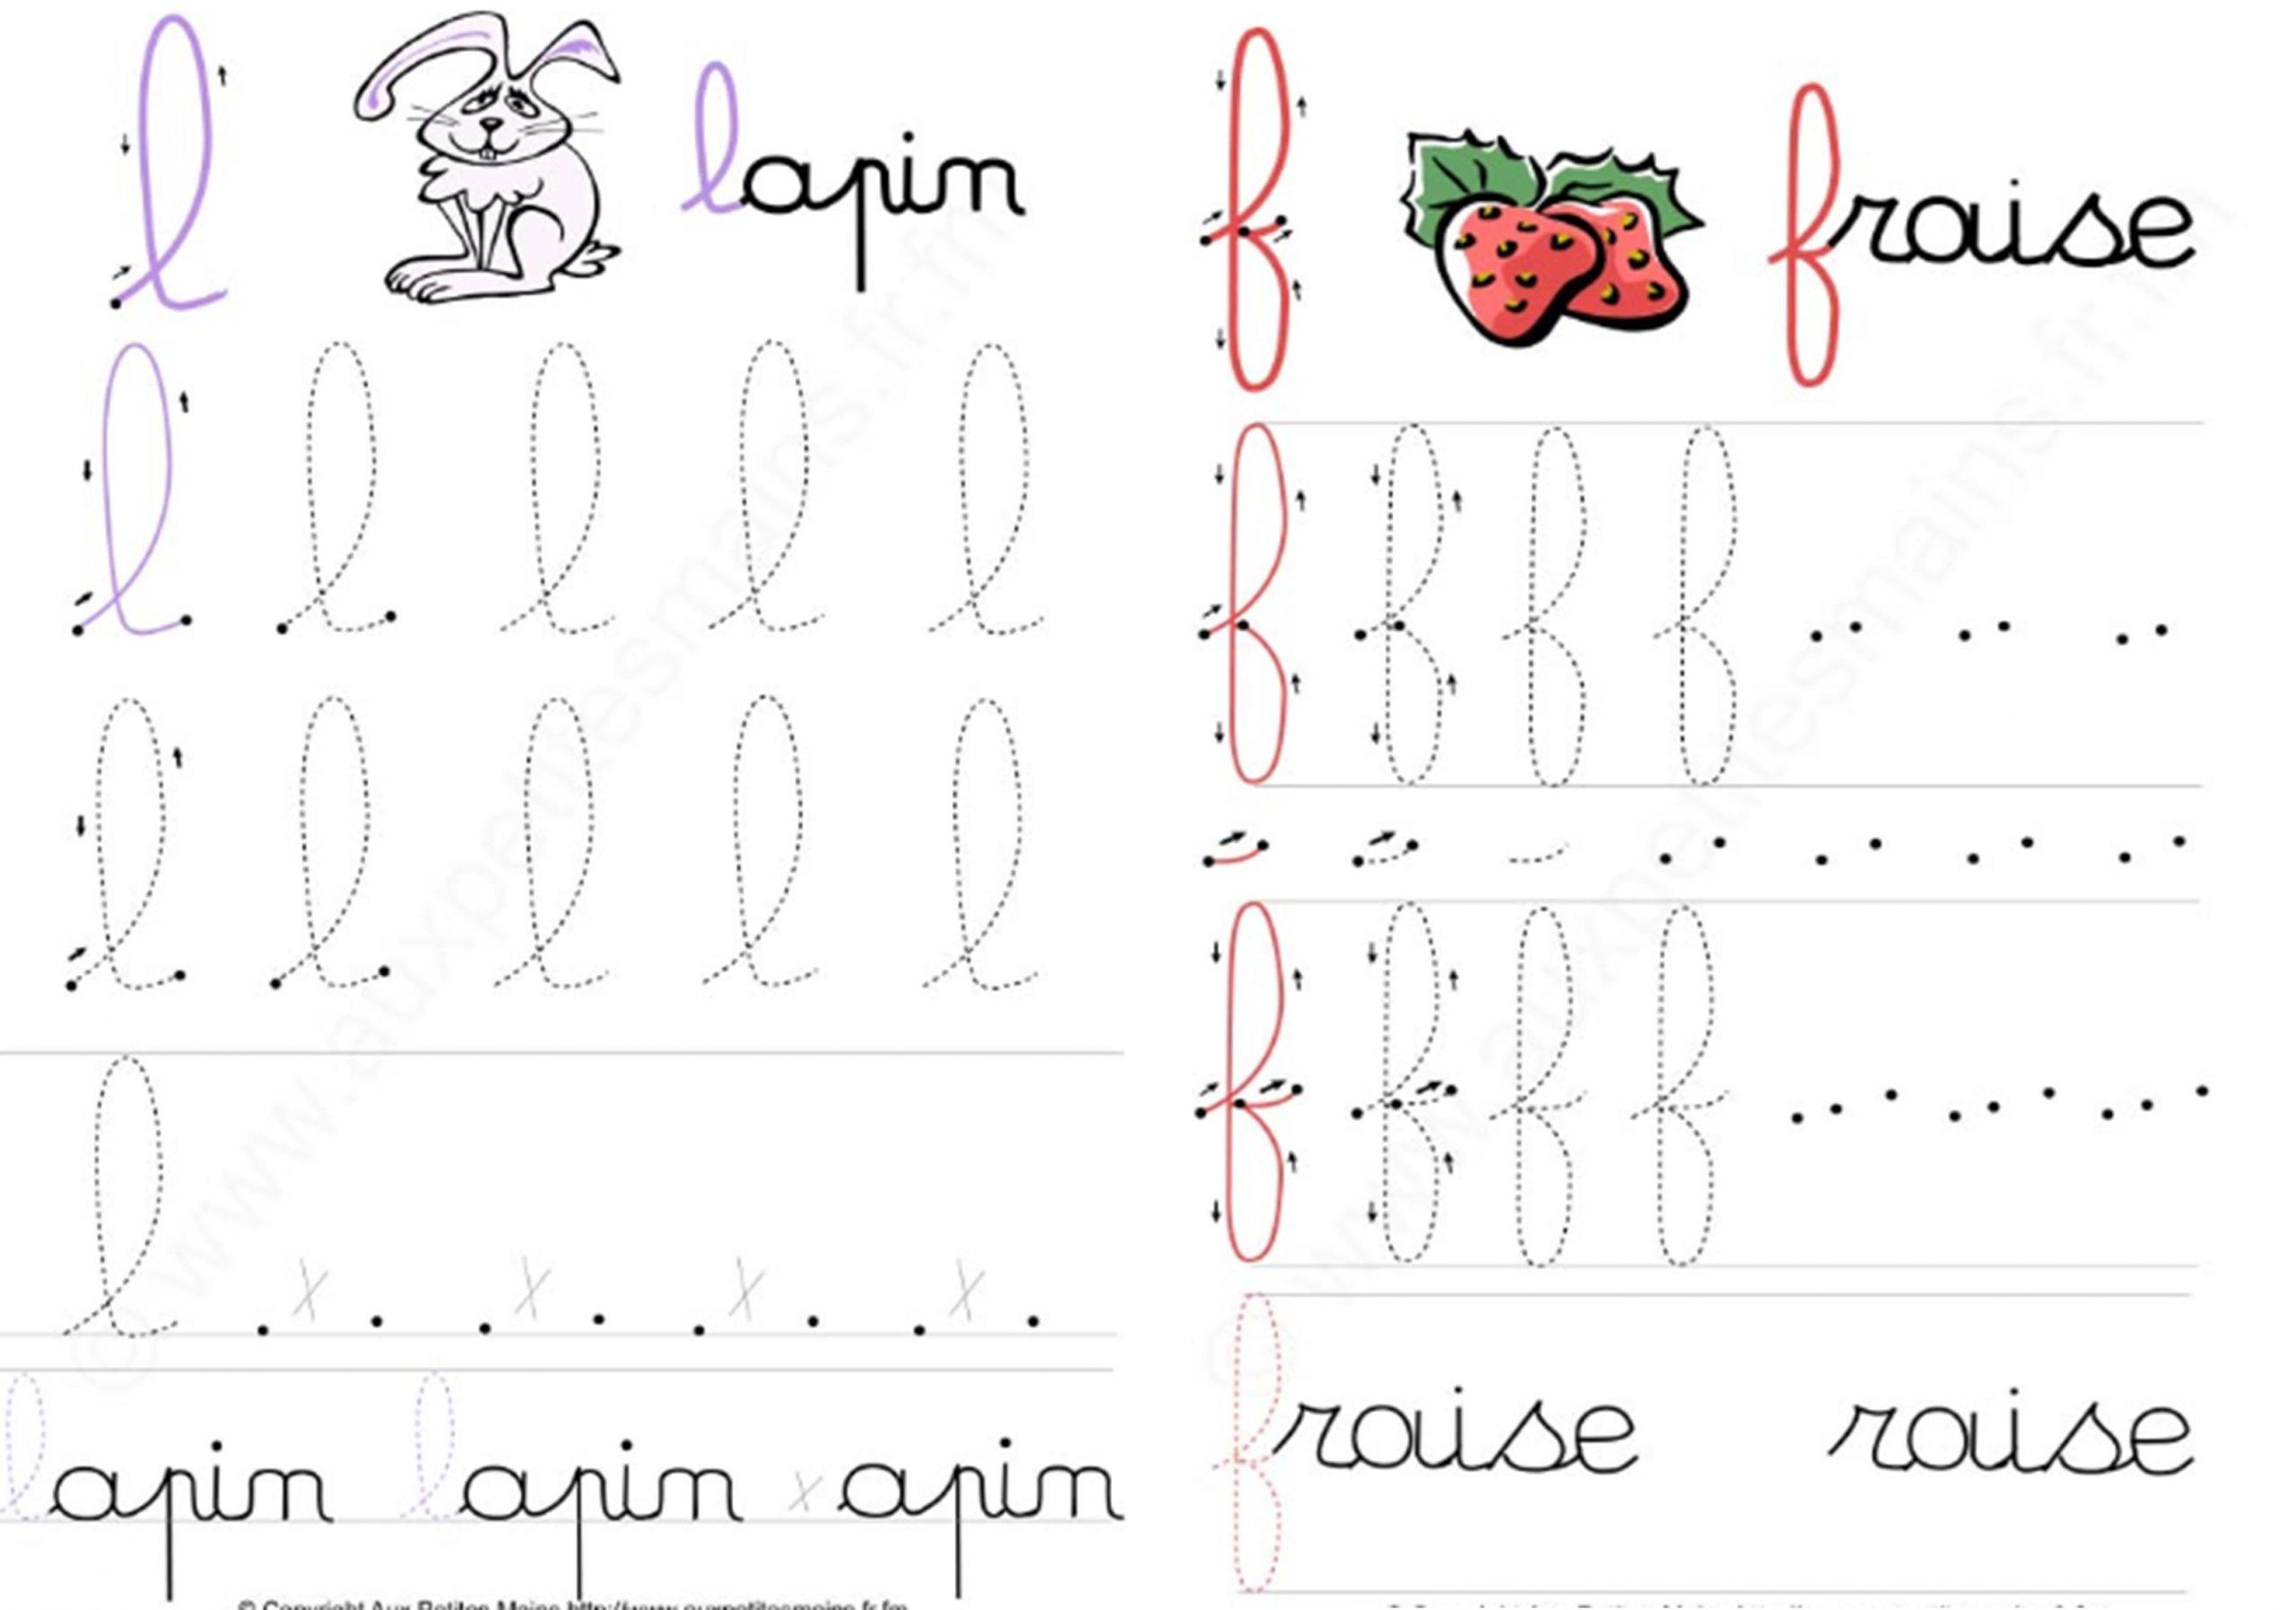 Fichier D'écriture Grande Section | Le Blog De Monsieur Mathieu destiné Exercice Graphisme Cp